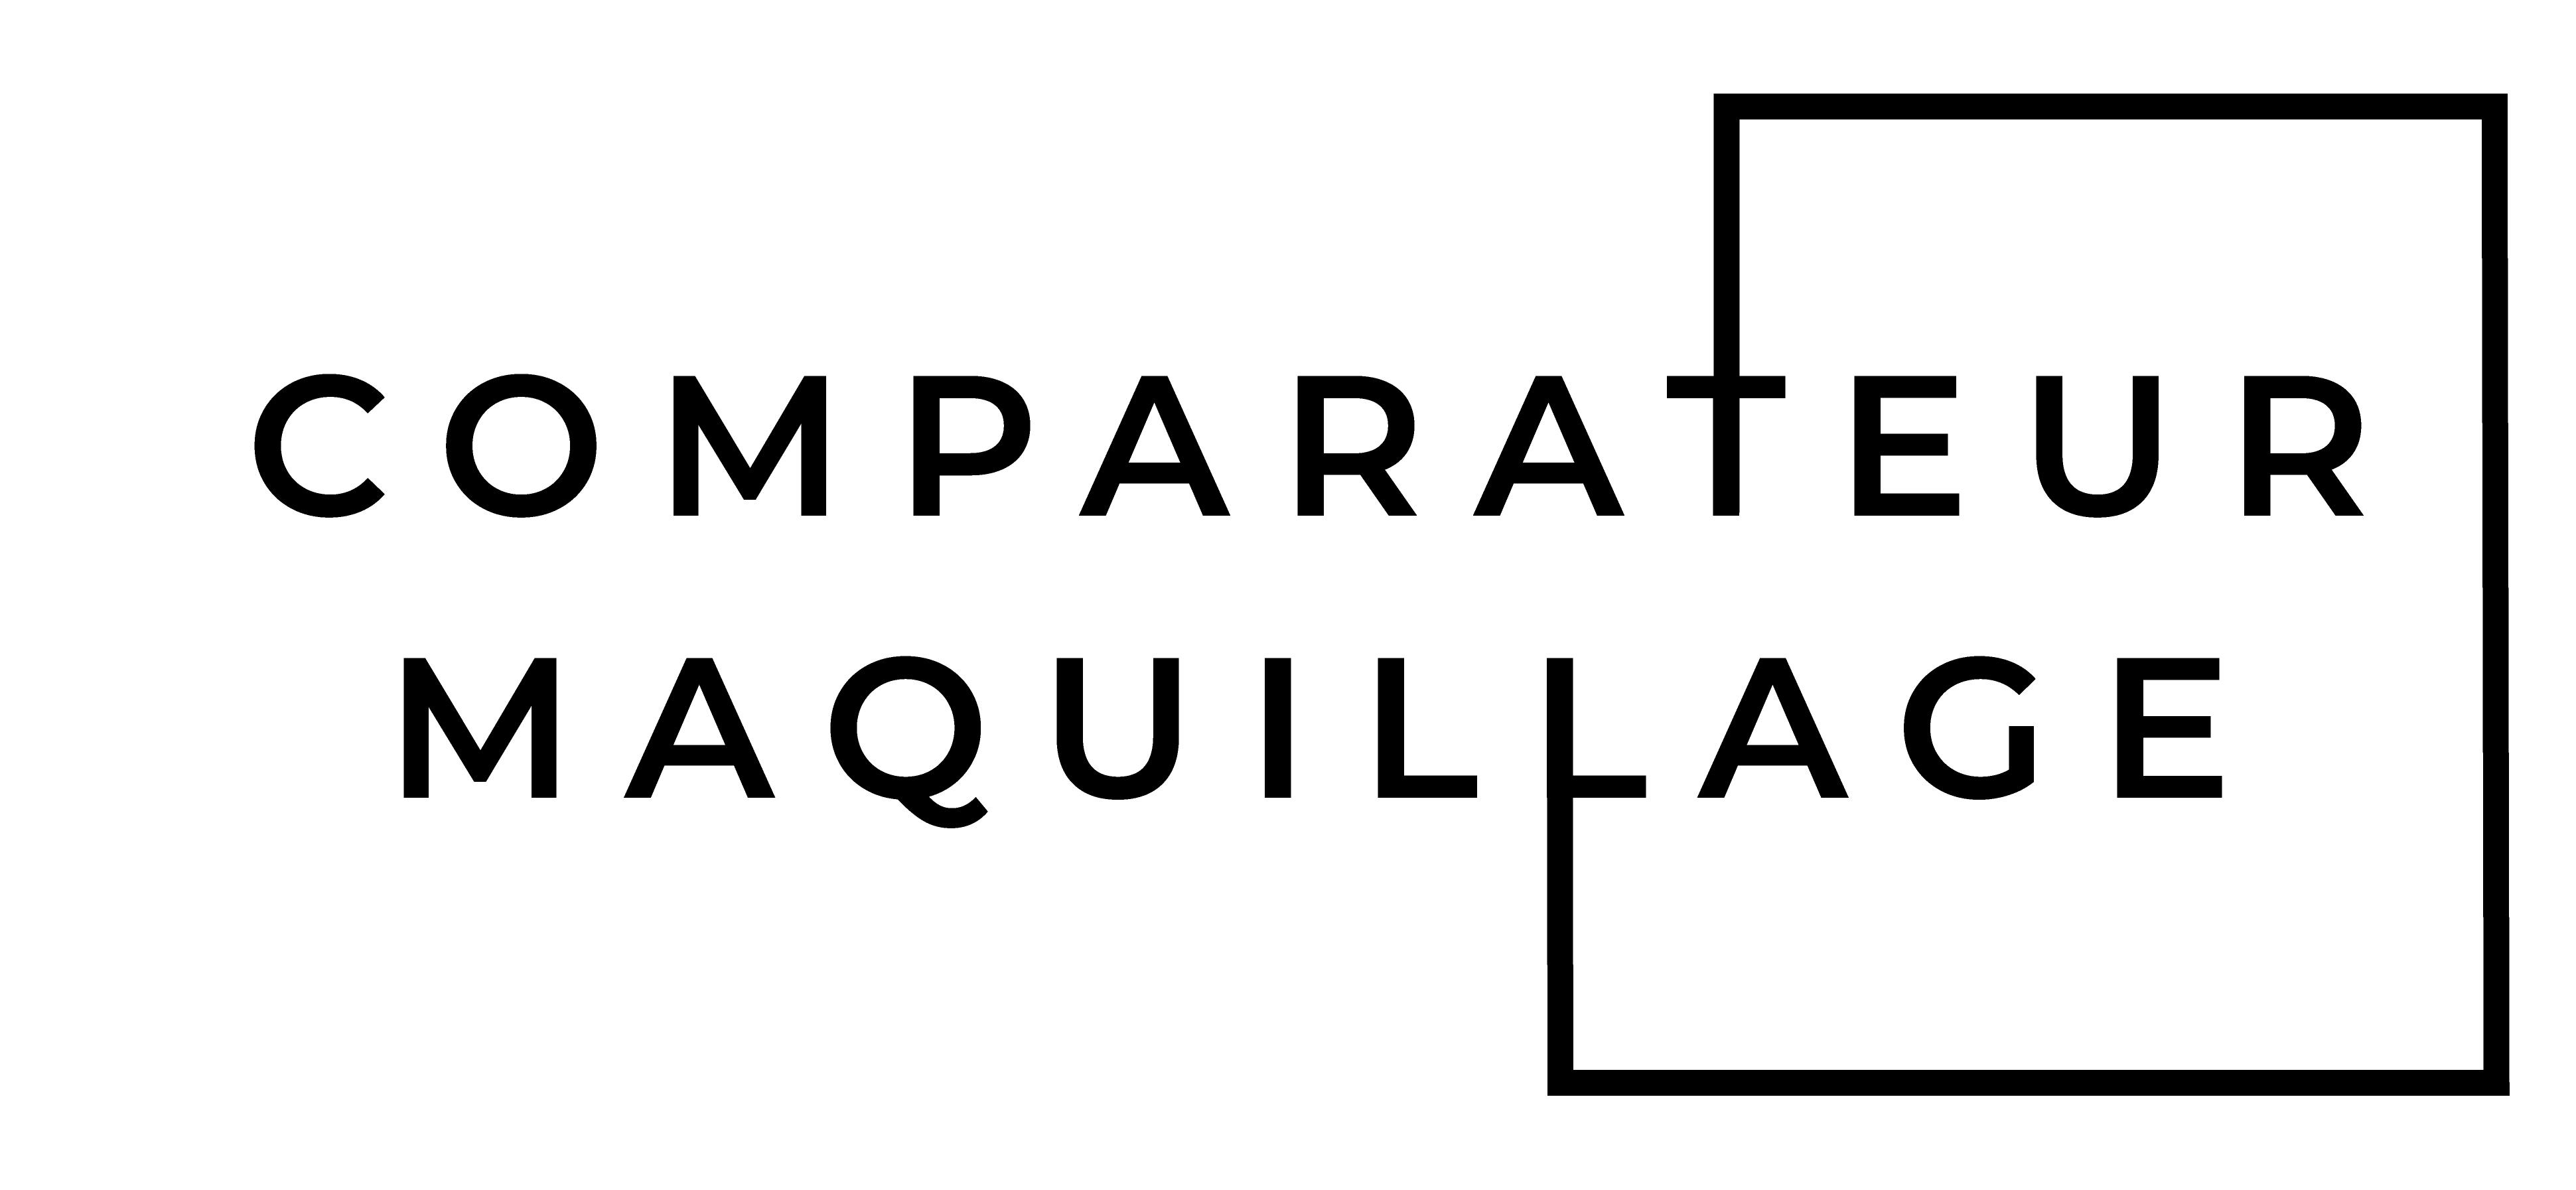 Logo de site internet comparateur maquillage, écrit en toute lettre avec une carré pour isolé eur et age